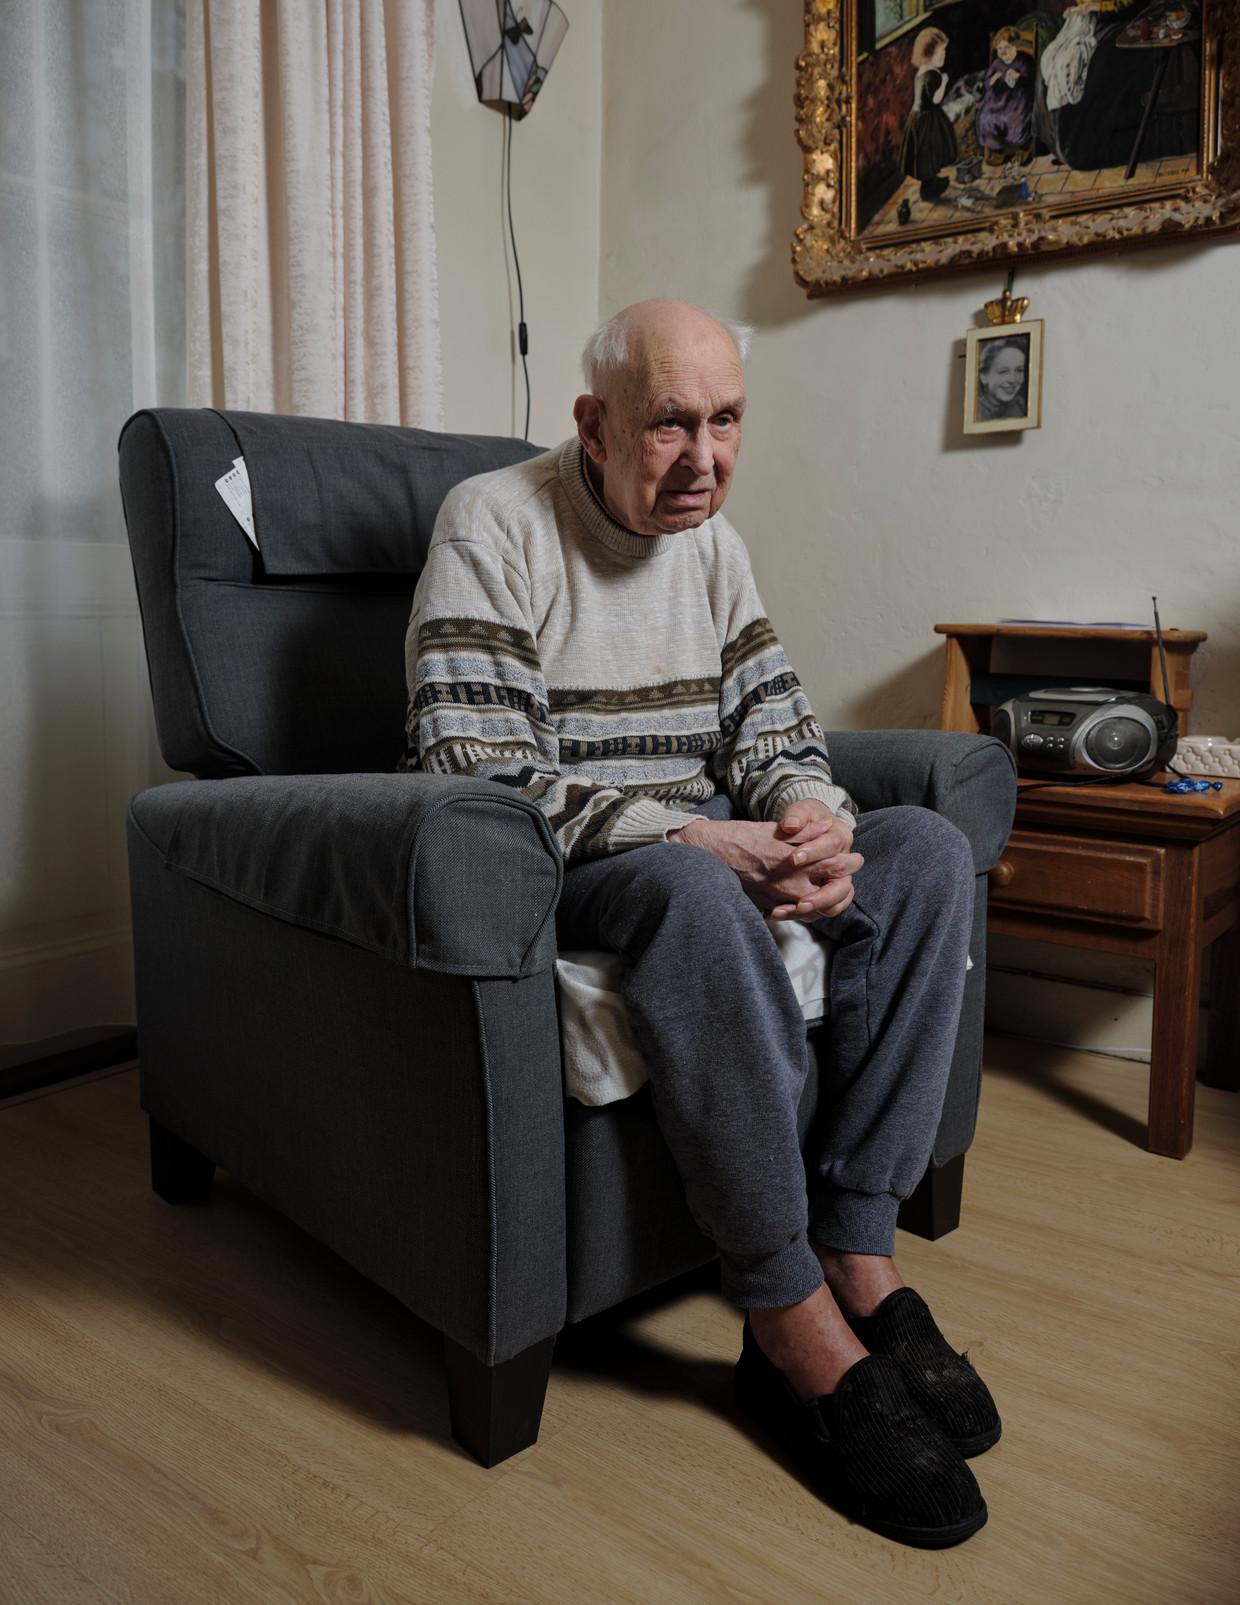 Piet Tjerks: 'Ik zou wel naar buiten willen, maar dat kan niet, hè. En ik krijg nog wel bezoek. Er zijn mensen die ook dat niet meer hebben. '